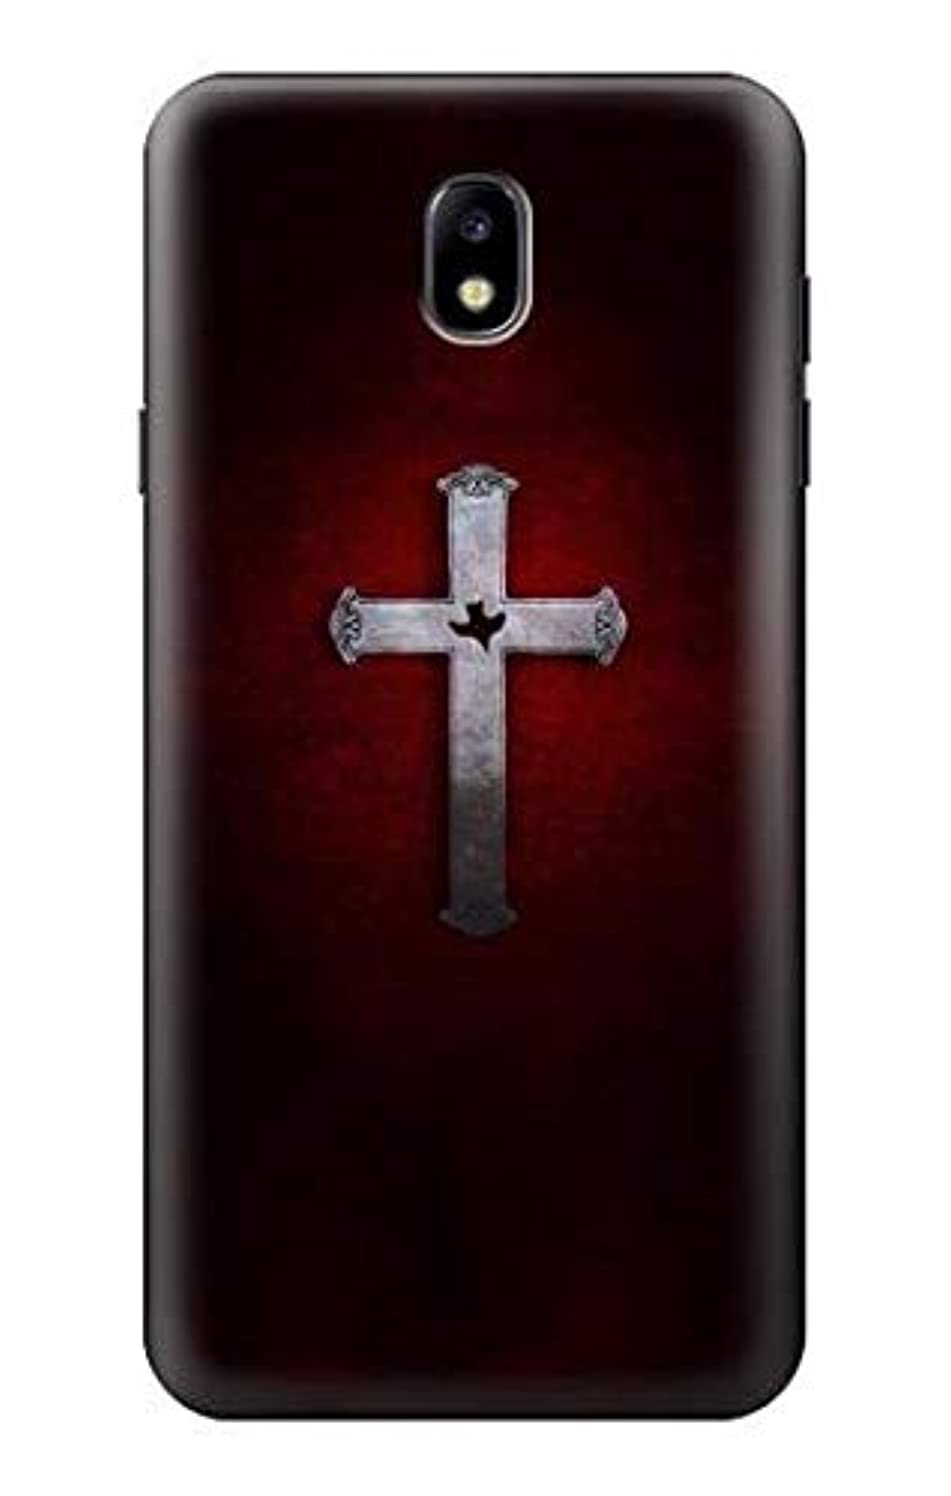 R3160 Christian Cross Case Cover for Samsung Galaxy J7 (2018), J7 Aero, J7 Top, J7 Aura, J7 Crown, J7 Refine, J7 Eon, J7 V 2nd Gen, J7 Star